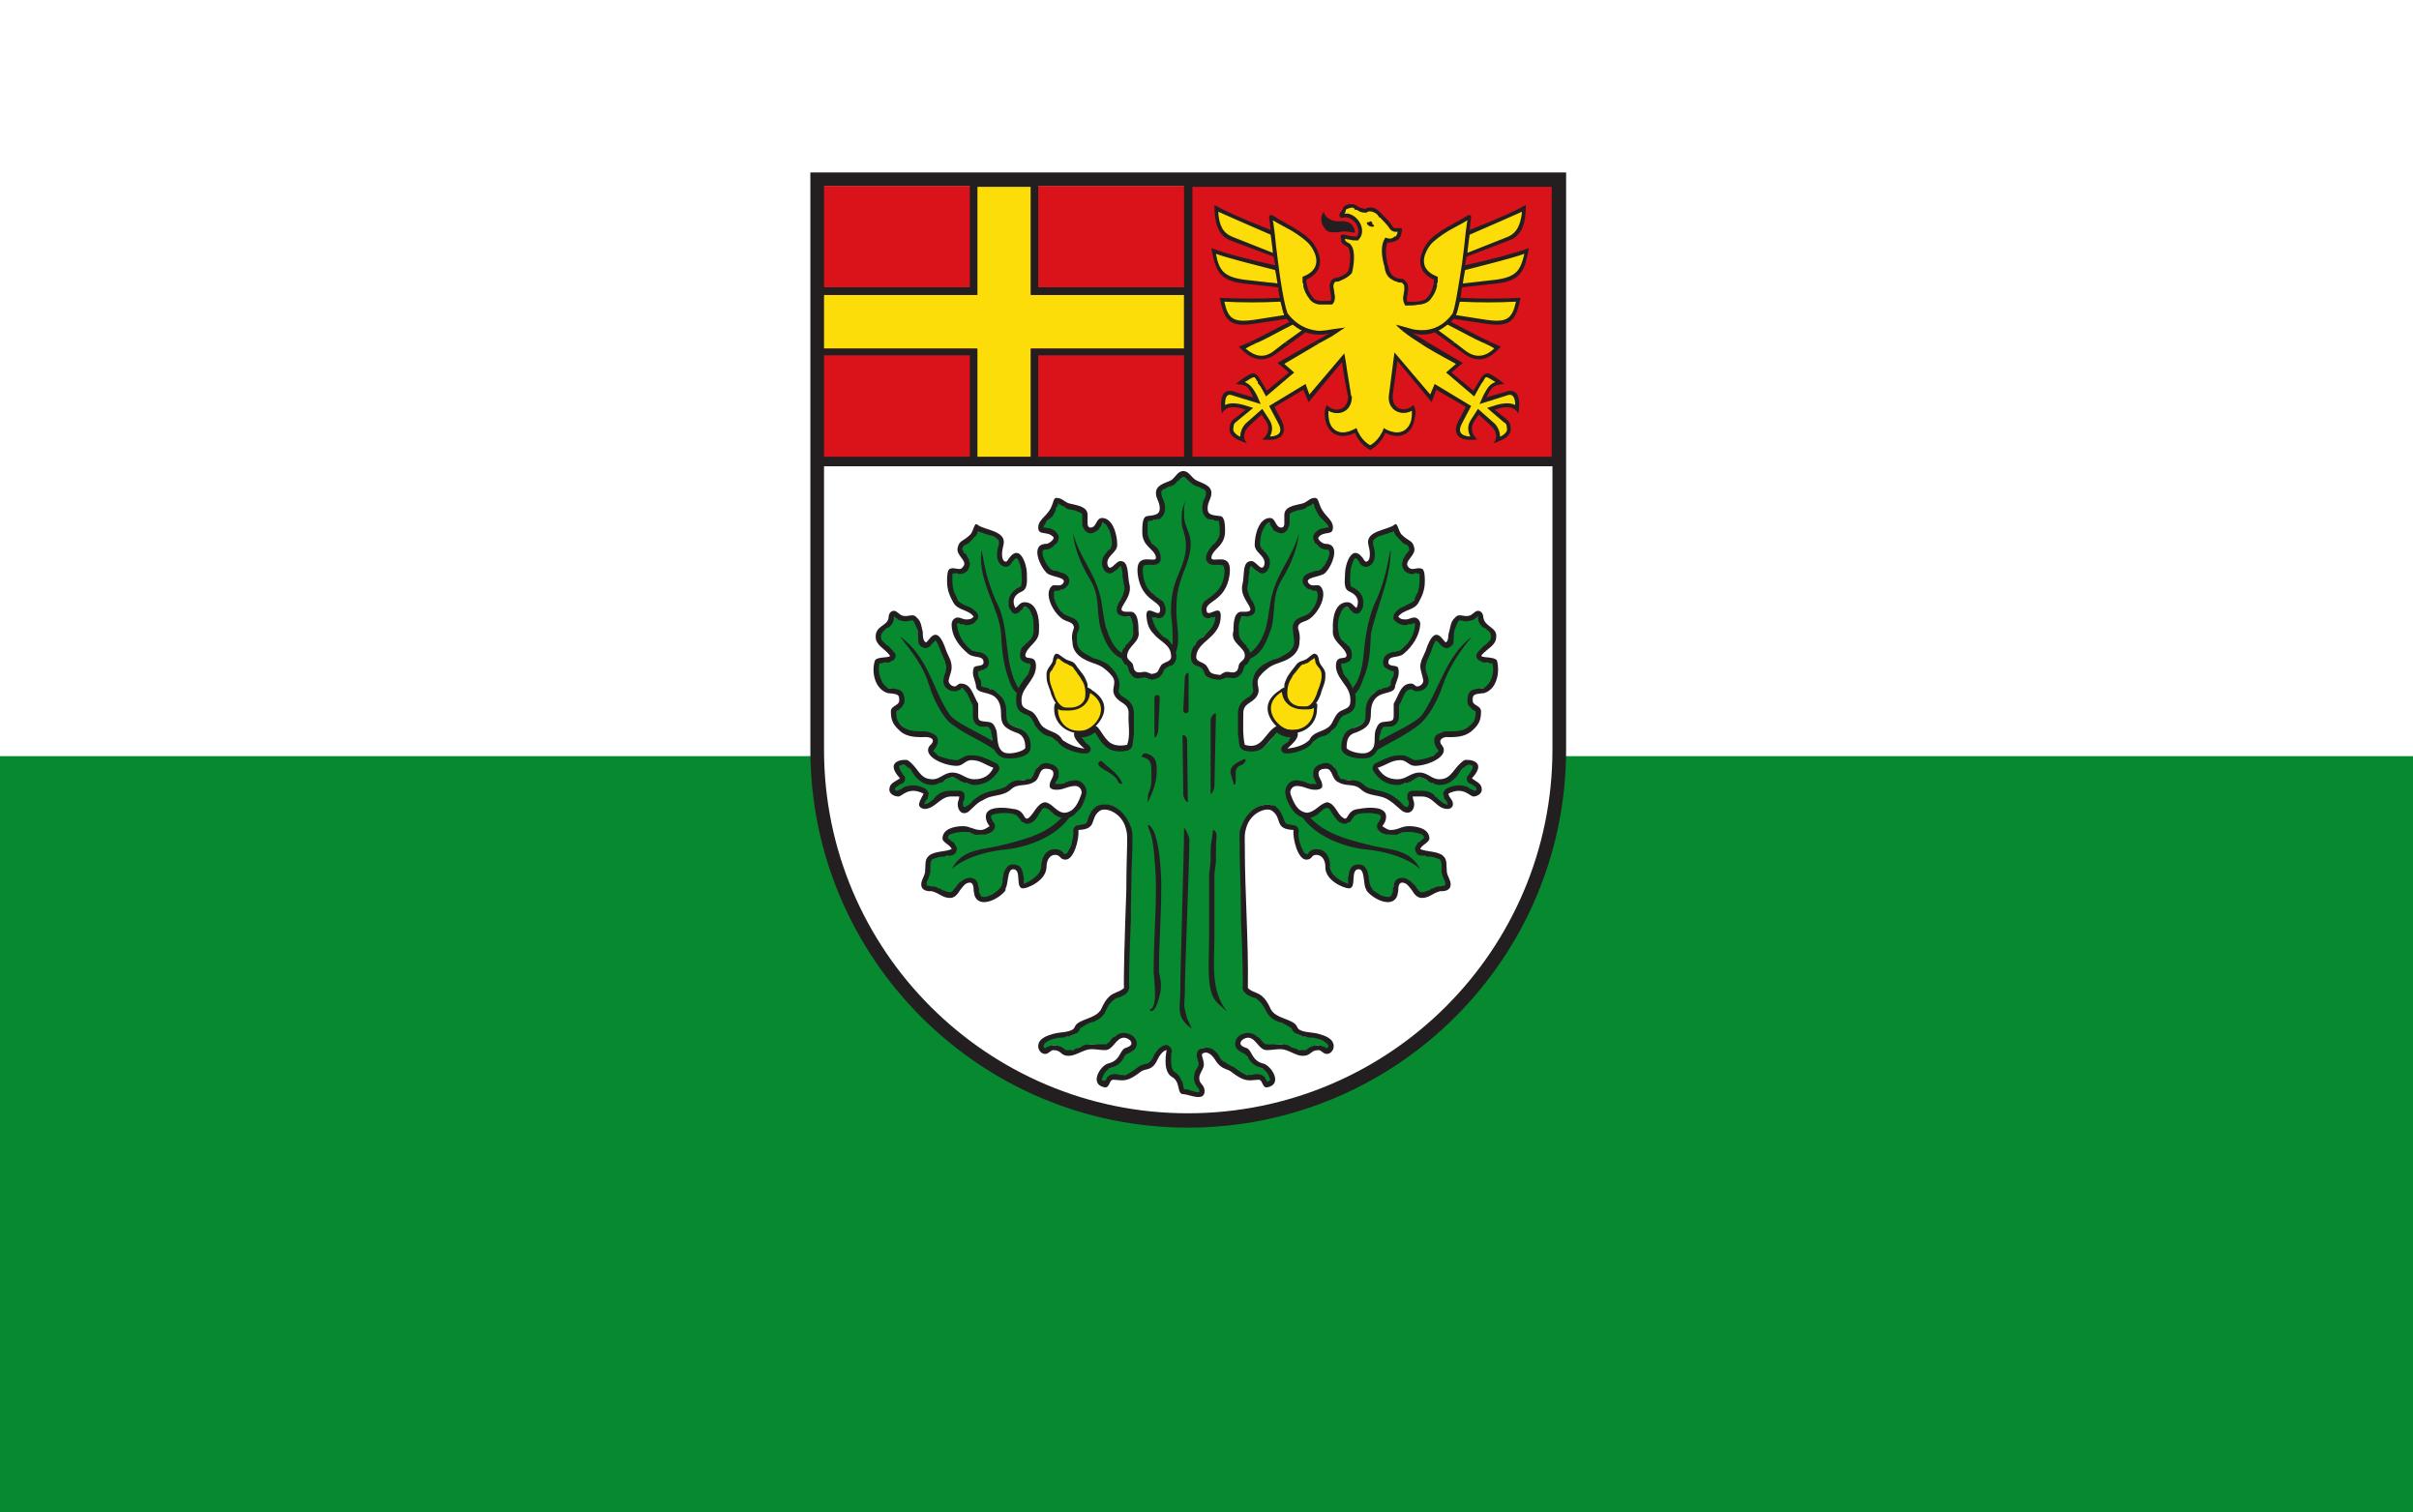 Flagge_der_Stadt_Schloß_Holte-Stukenbrock